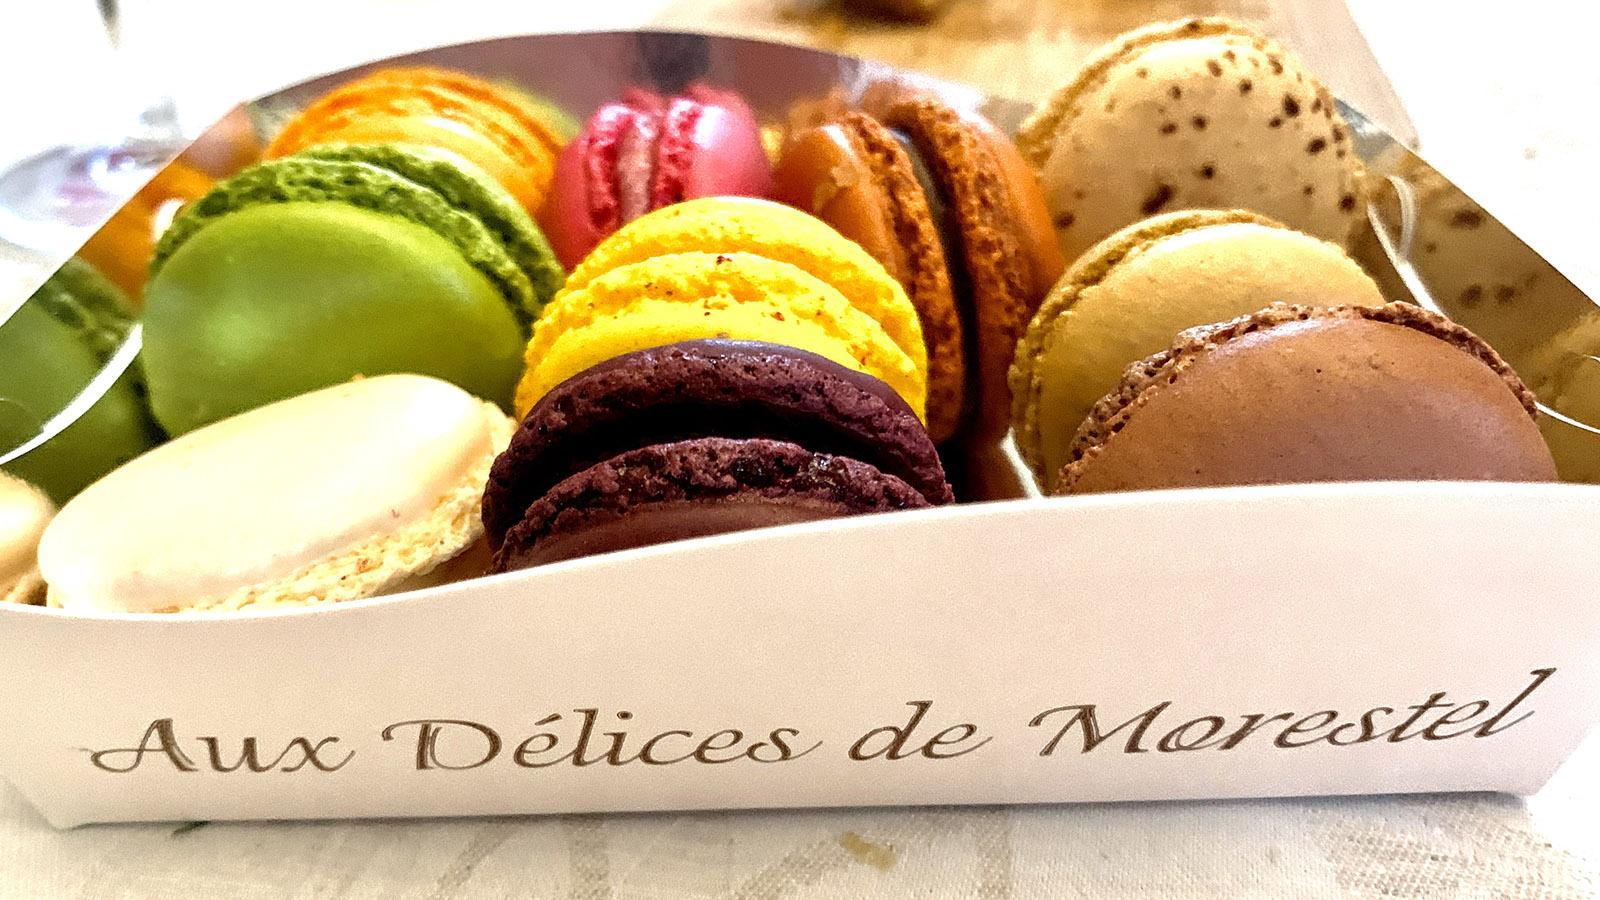 Macarons aus Morestal, Isère. Foto: Hilke Maunder